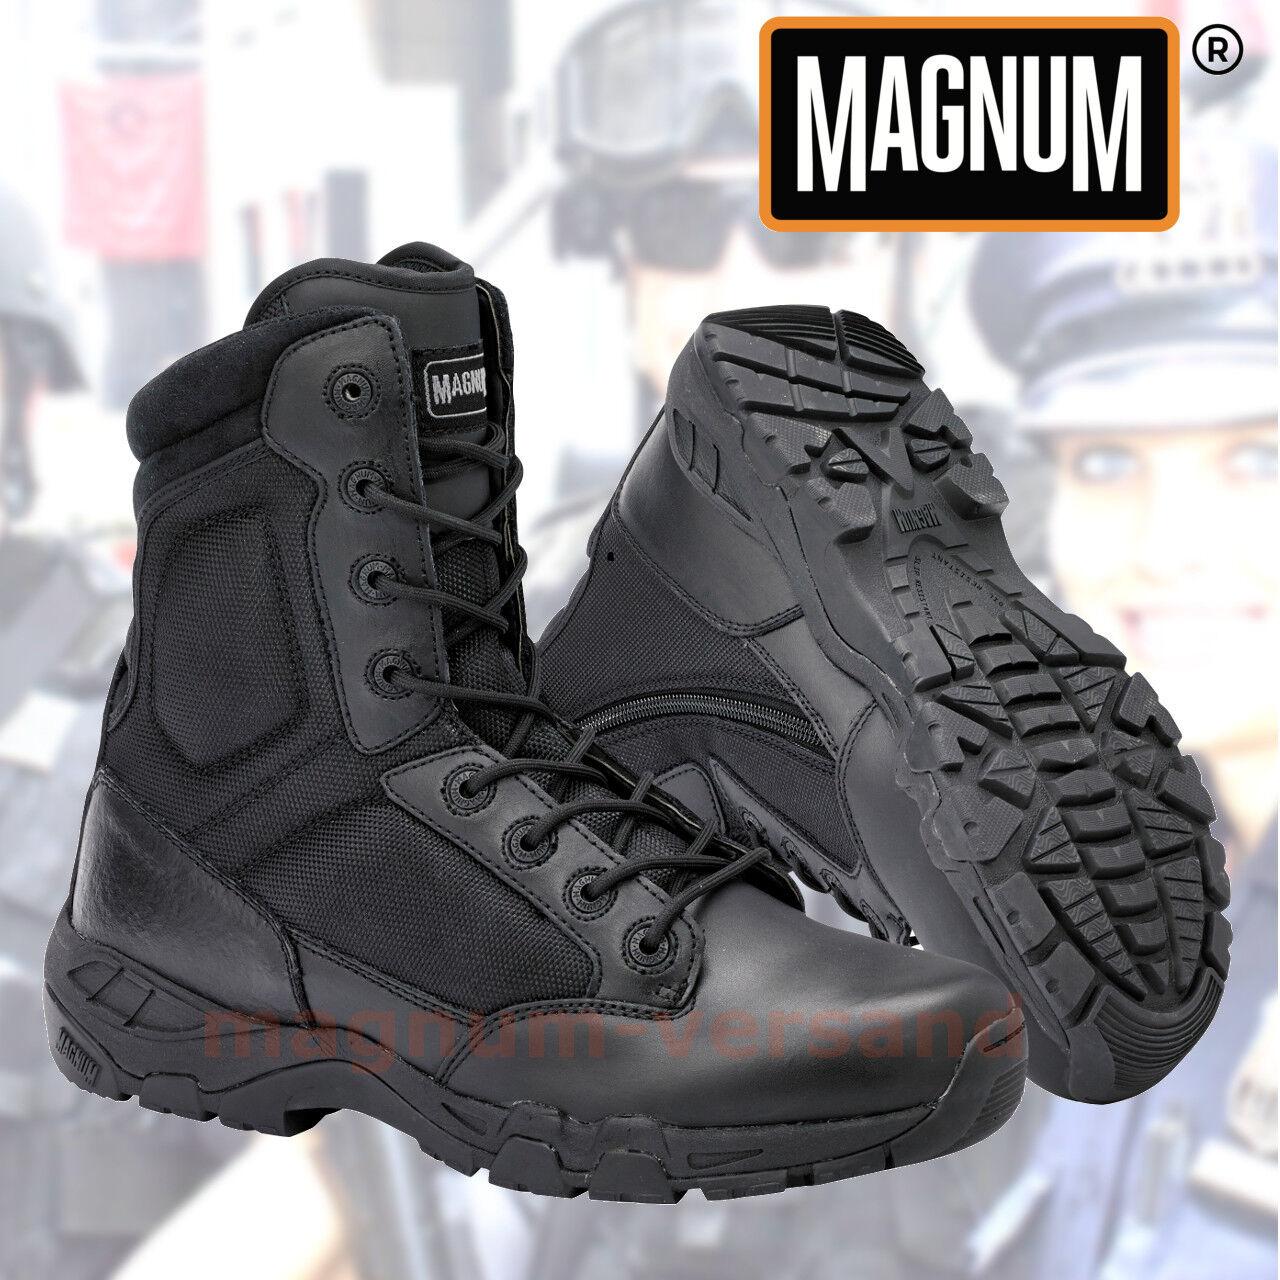 Magnum Viper Pro 8.0 SZ EN Stiefel Hitec Einsatzstiefel mit Reissverschluss